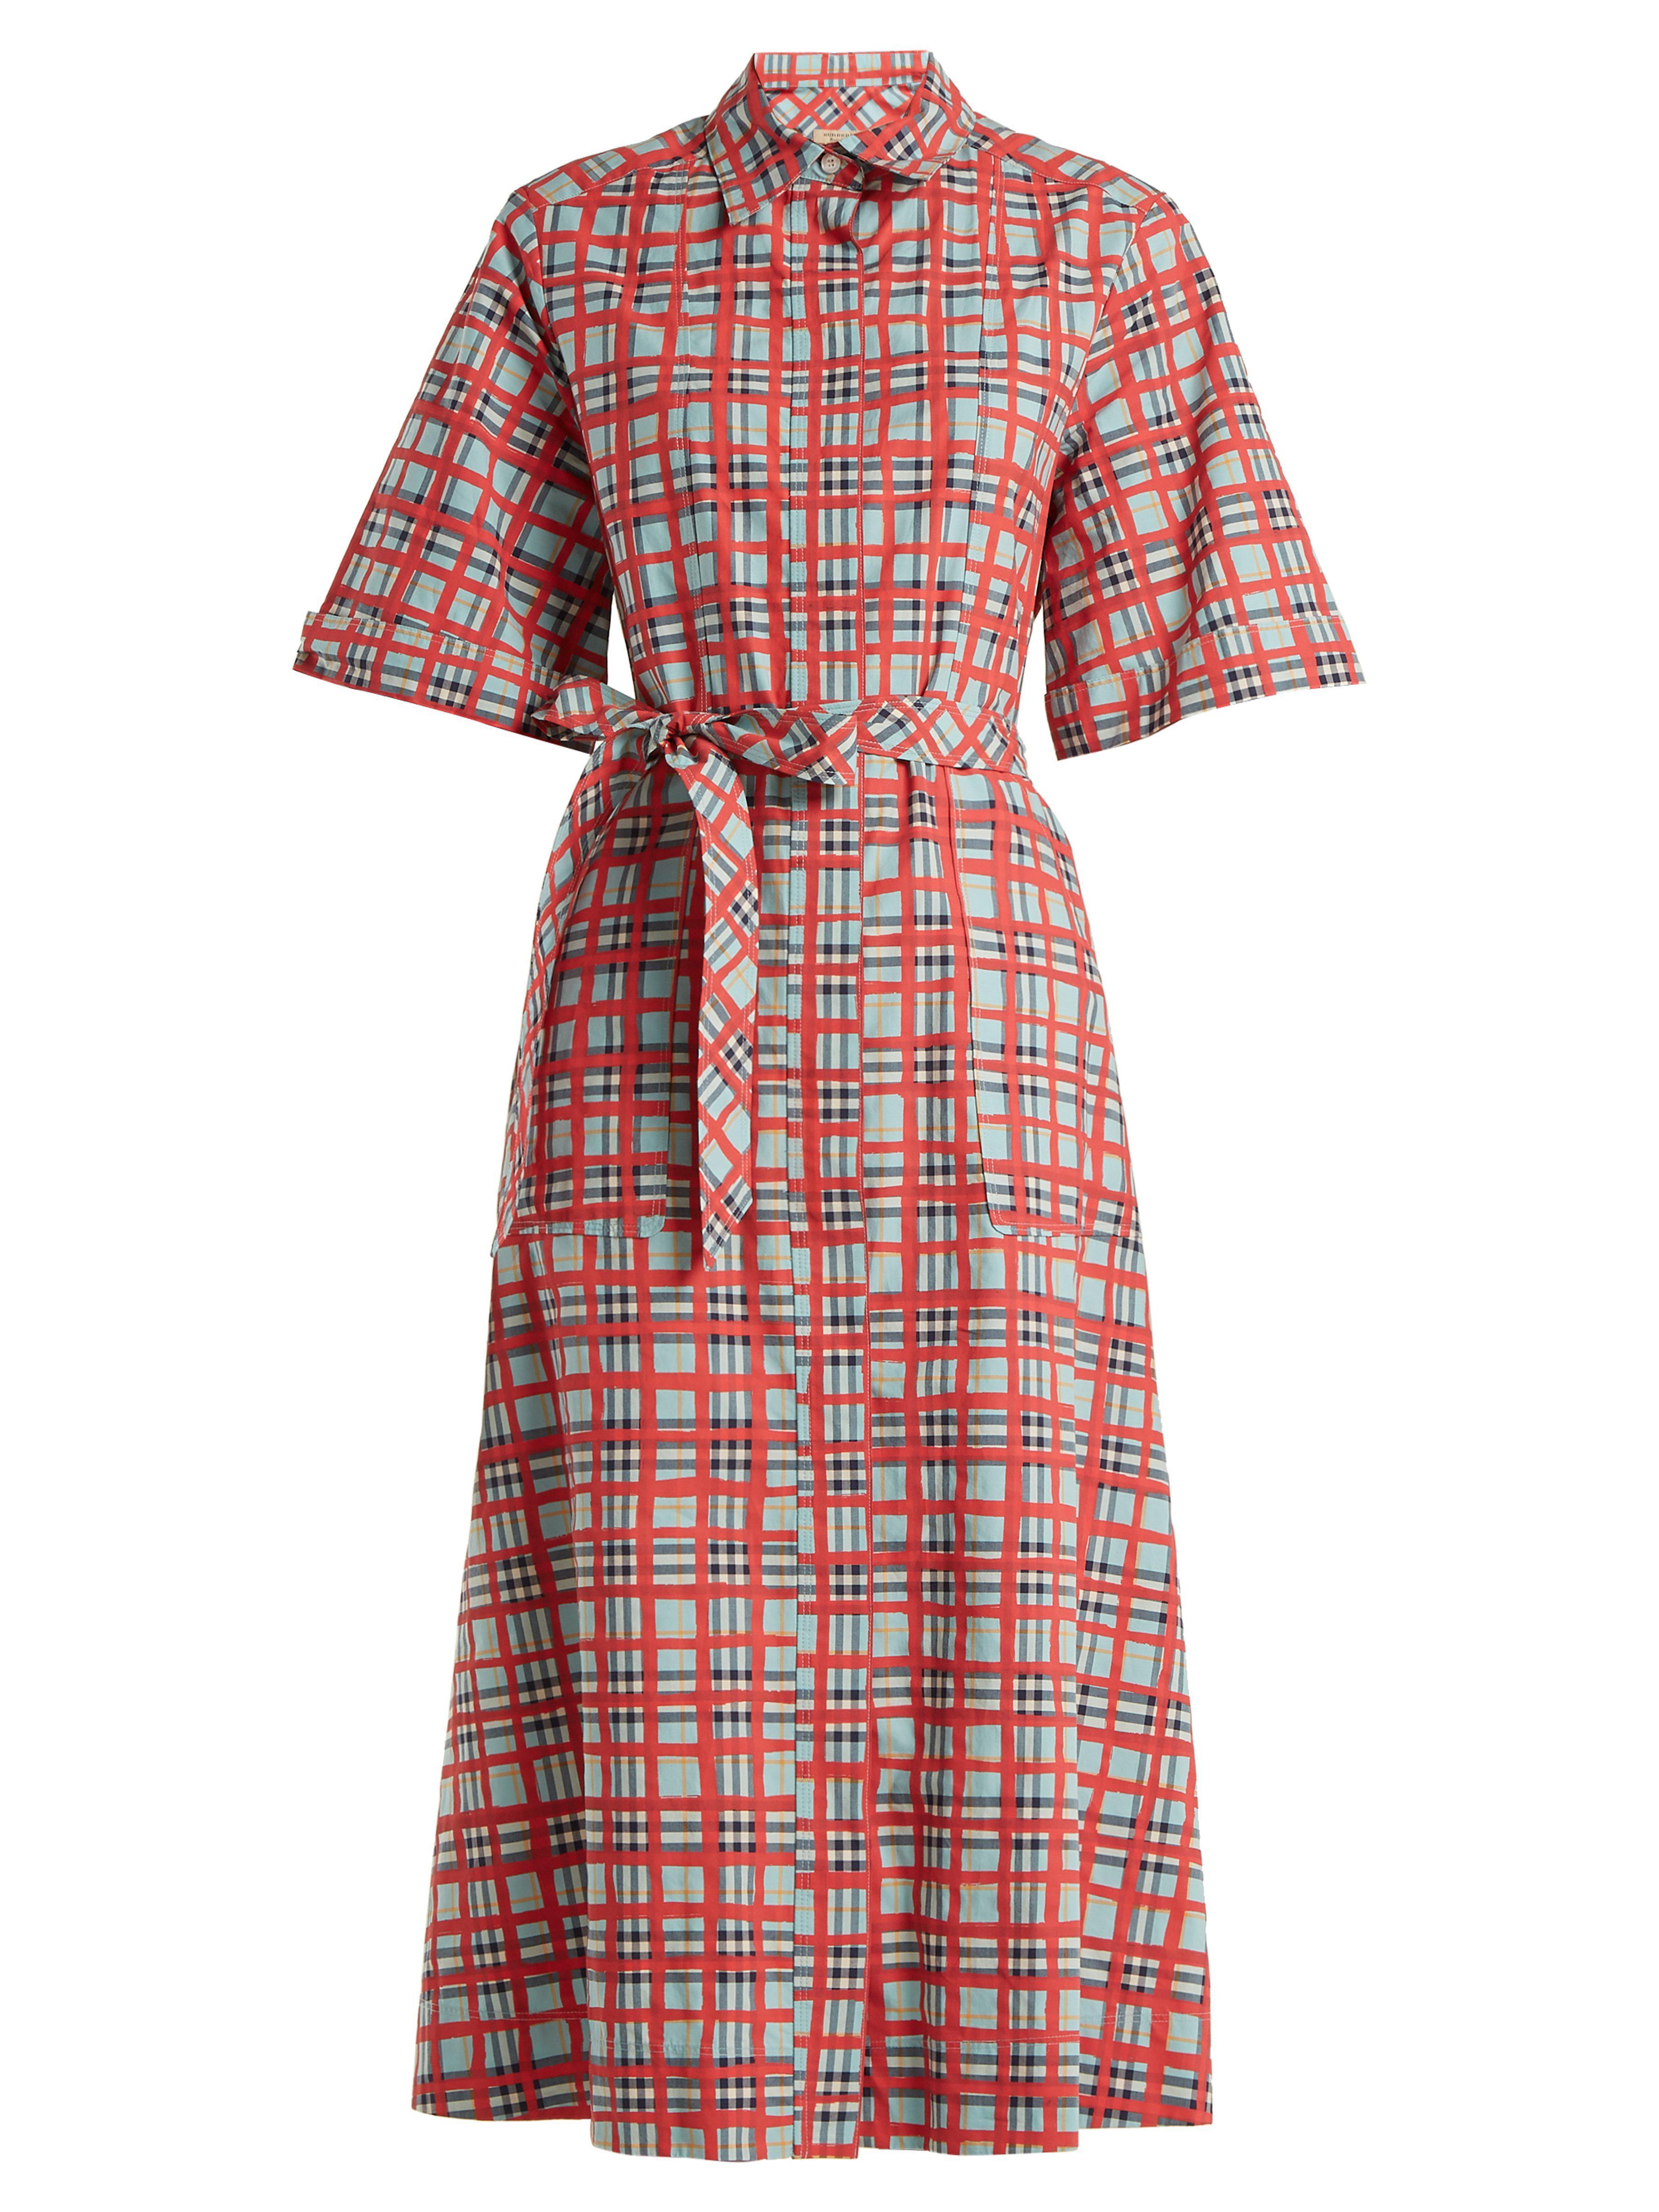 Lyst - Robe-chemise en coton à carreaux Carmen Burberry en coloris Rouge ff71f42a3db